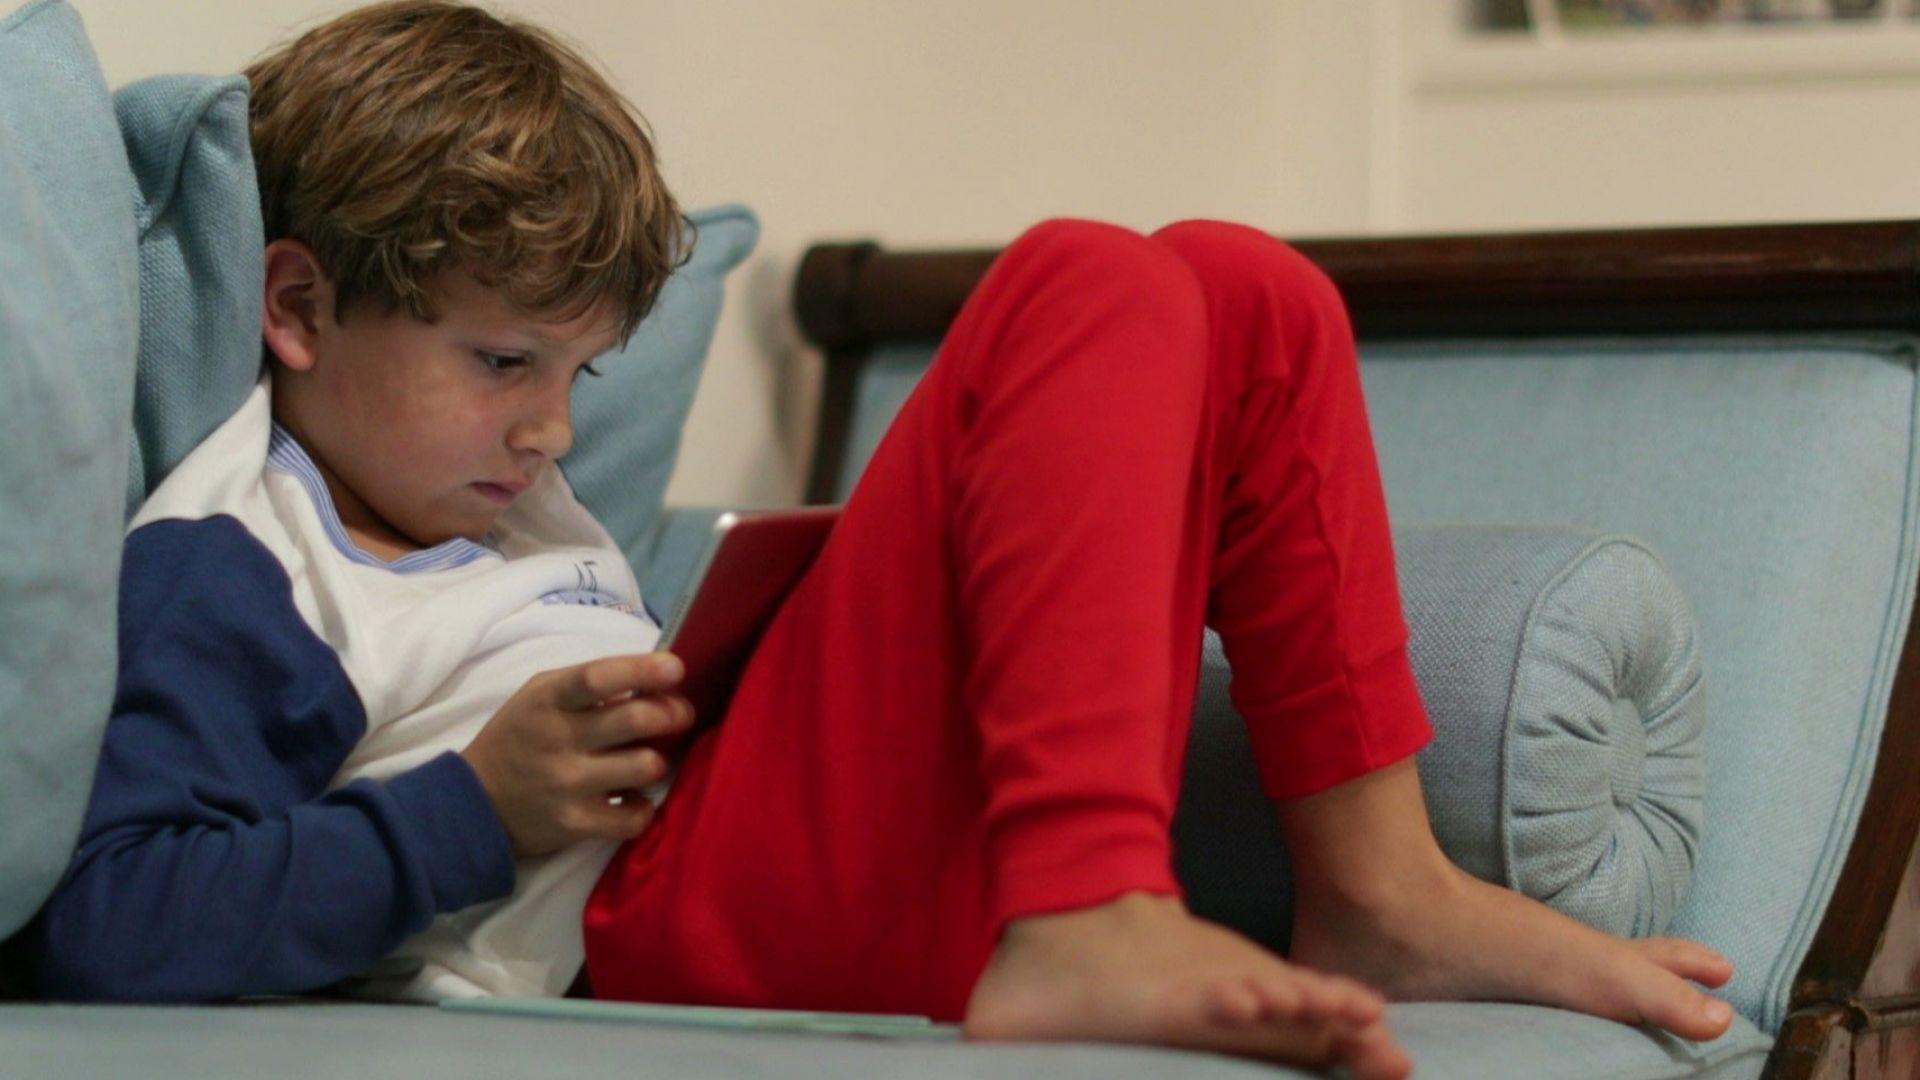 Експерти: Децата до 4 клас само до 1 час на ден пред компютъра